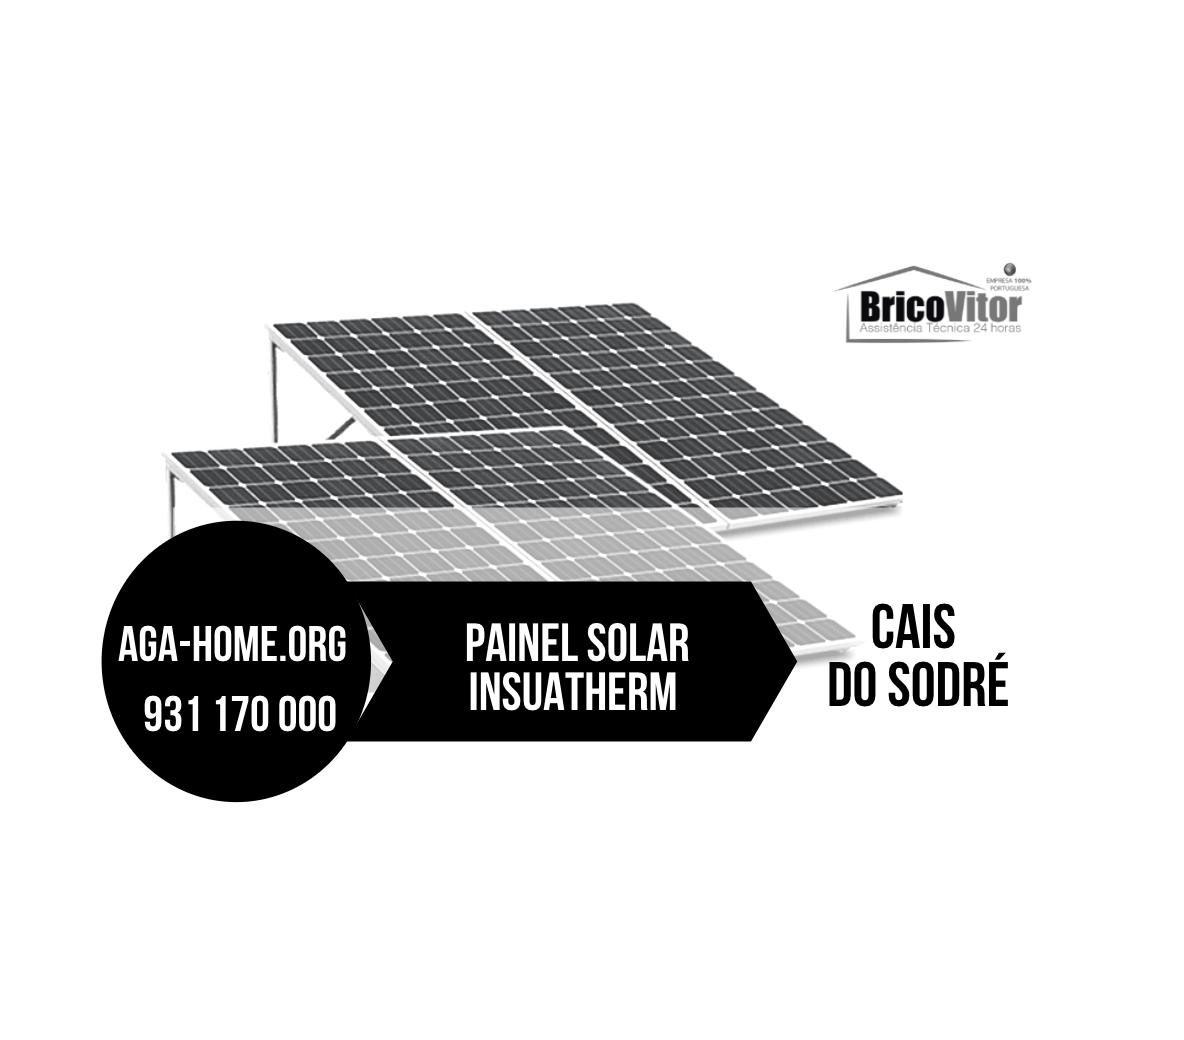 Assistência Painéis Solares Insuatherm Cais do Sodré